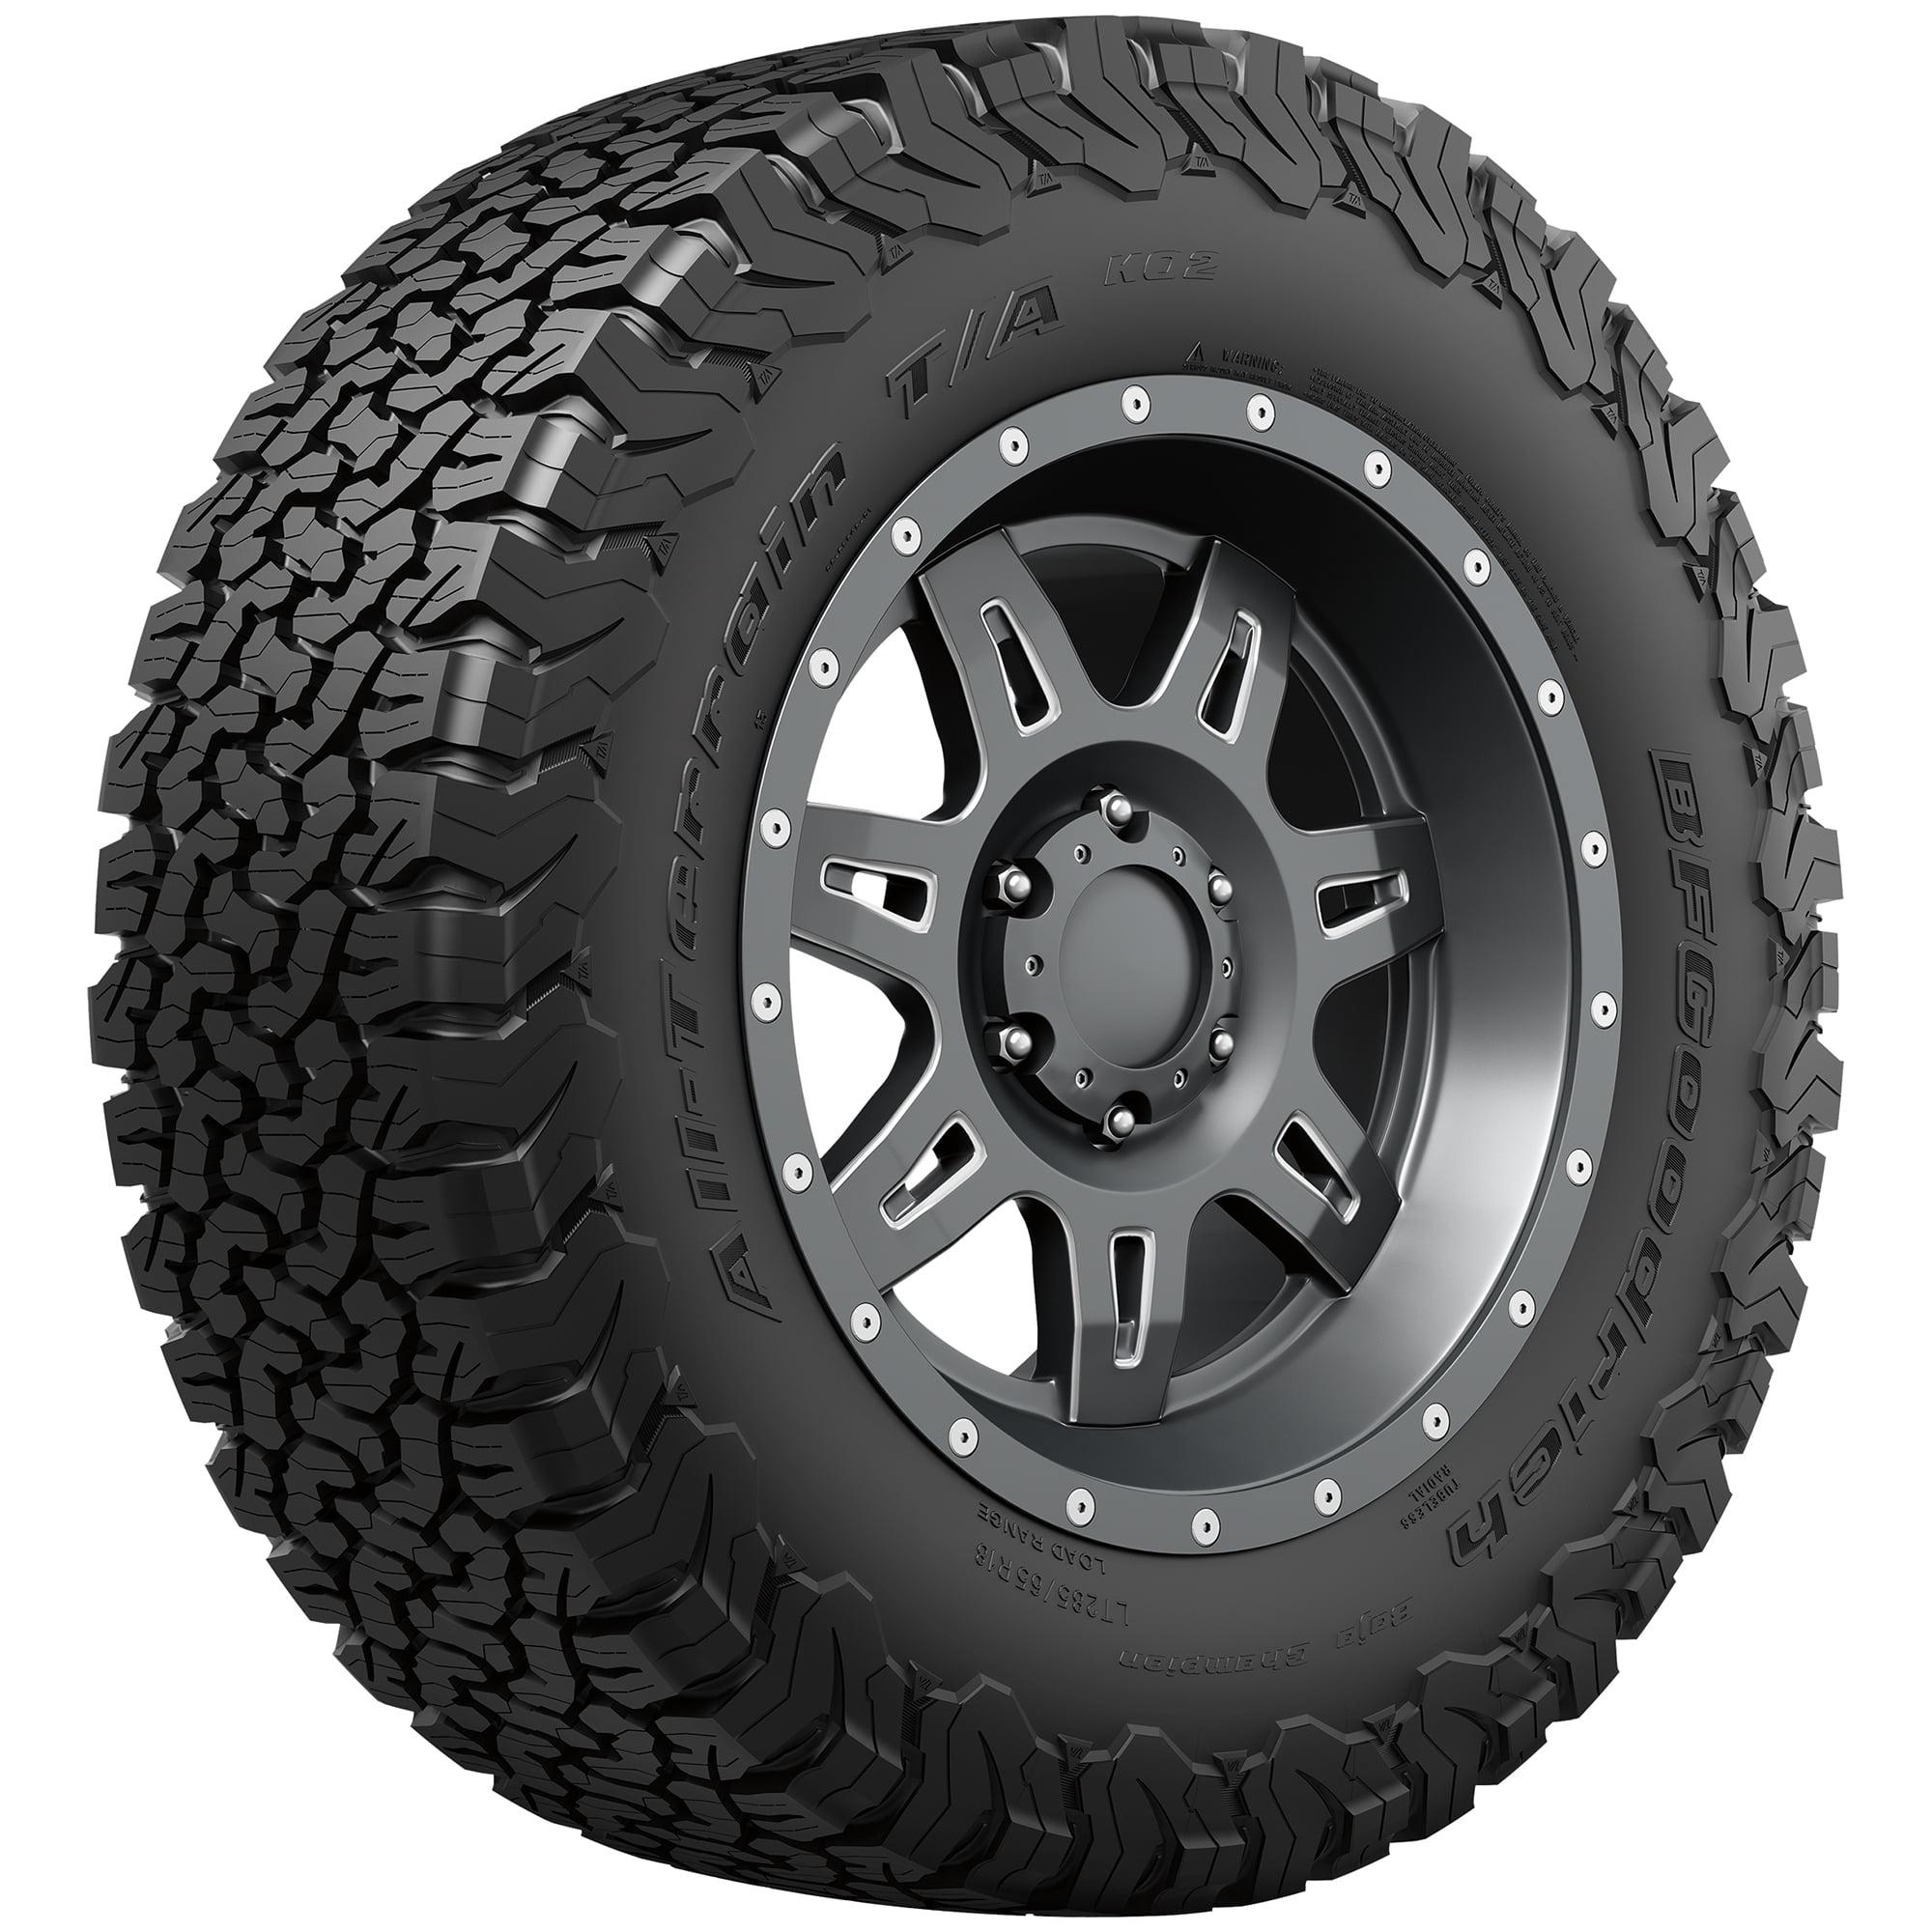 BFGoodrich All-Terrain T/A KO2 Tire LT265/75R16/E 123/120R